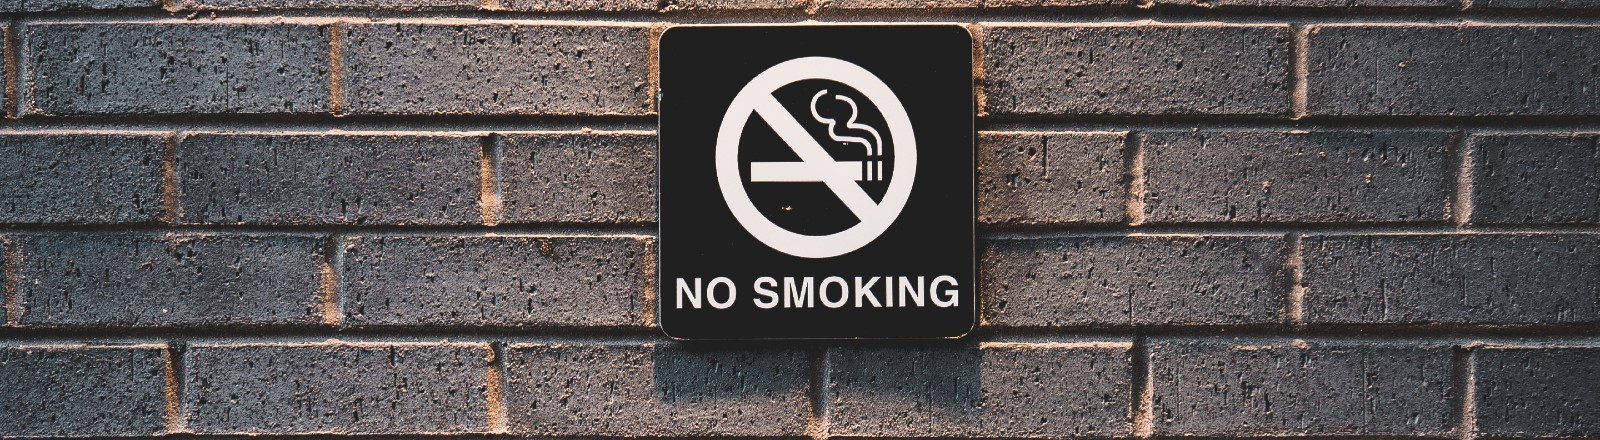 """Ein """"No Smoking"""" Schild auf einer Steinwand"""